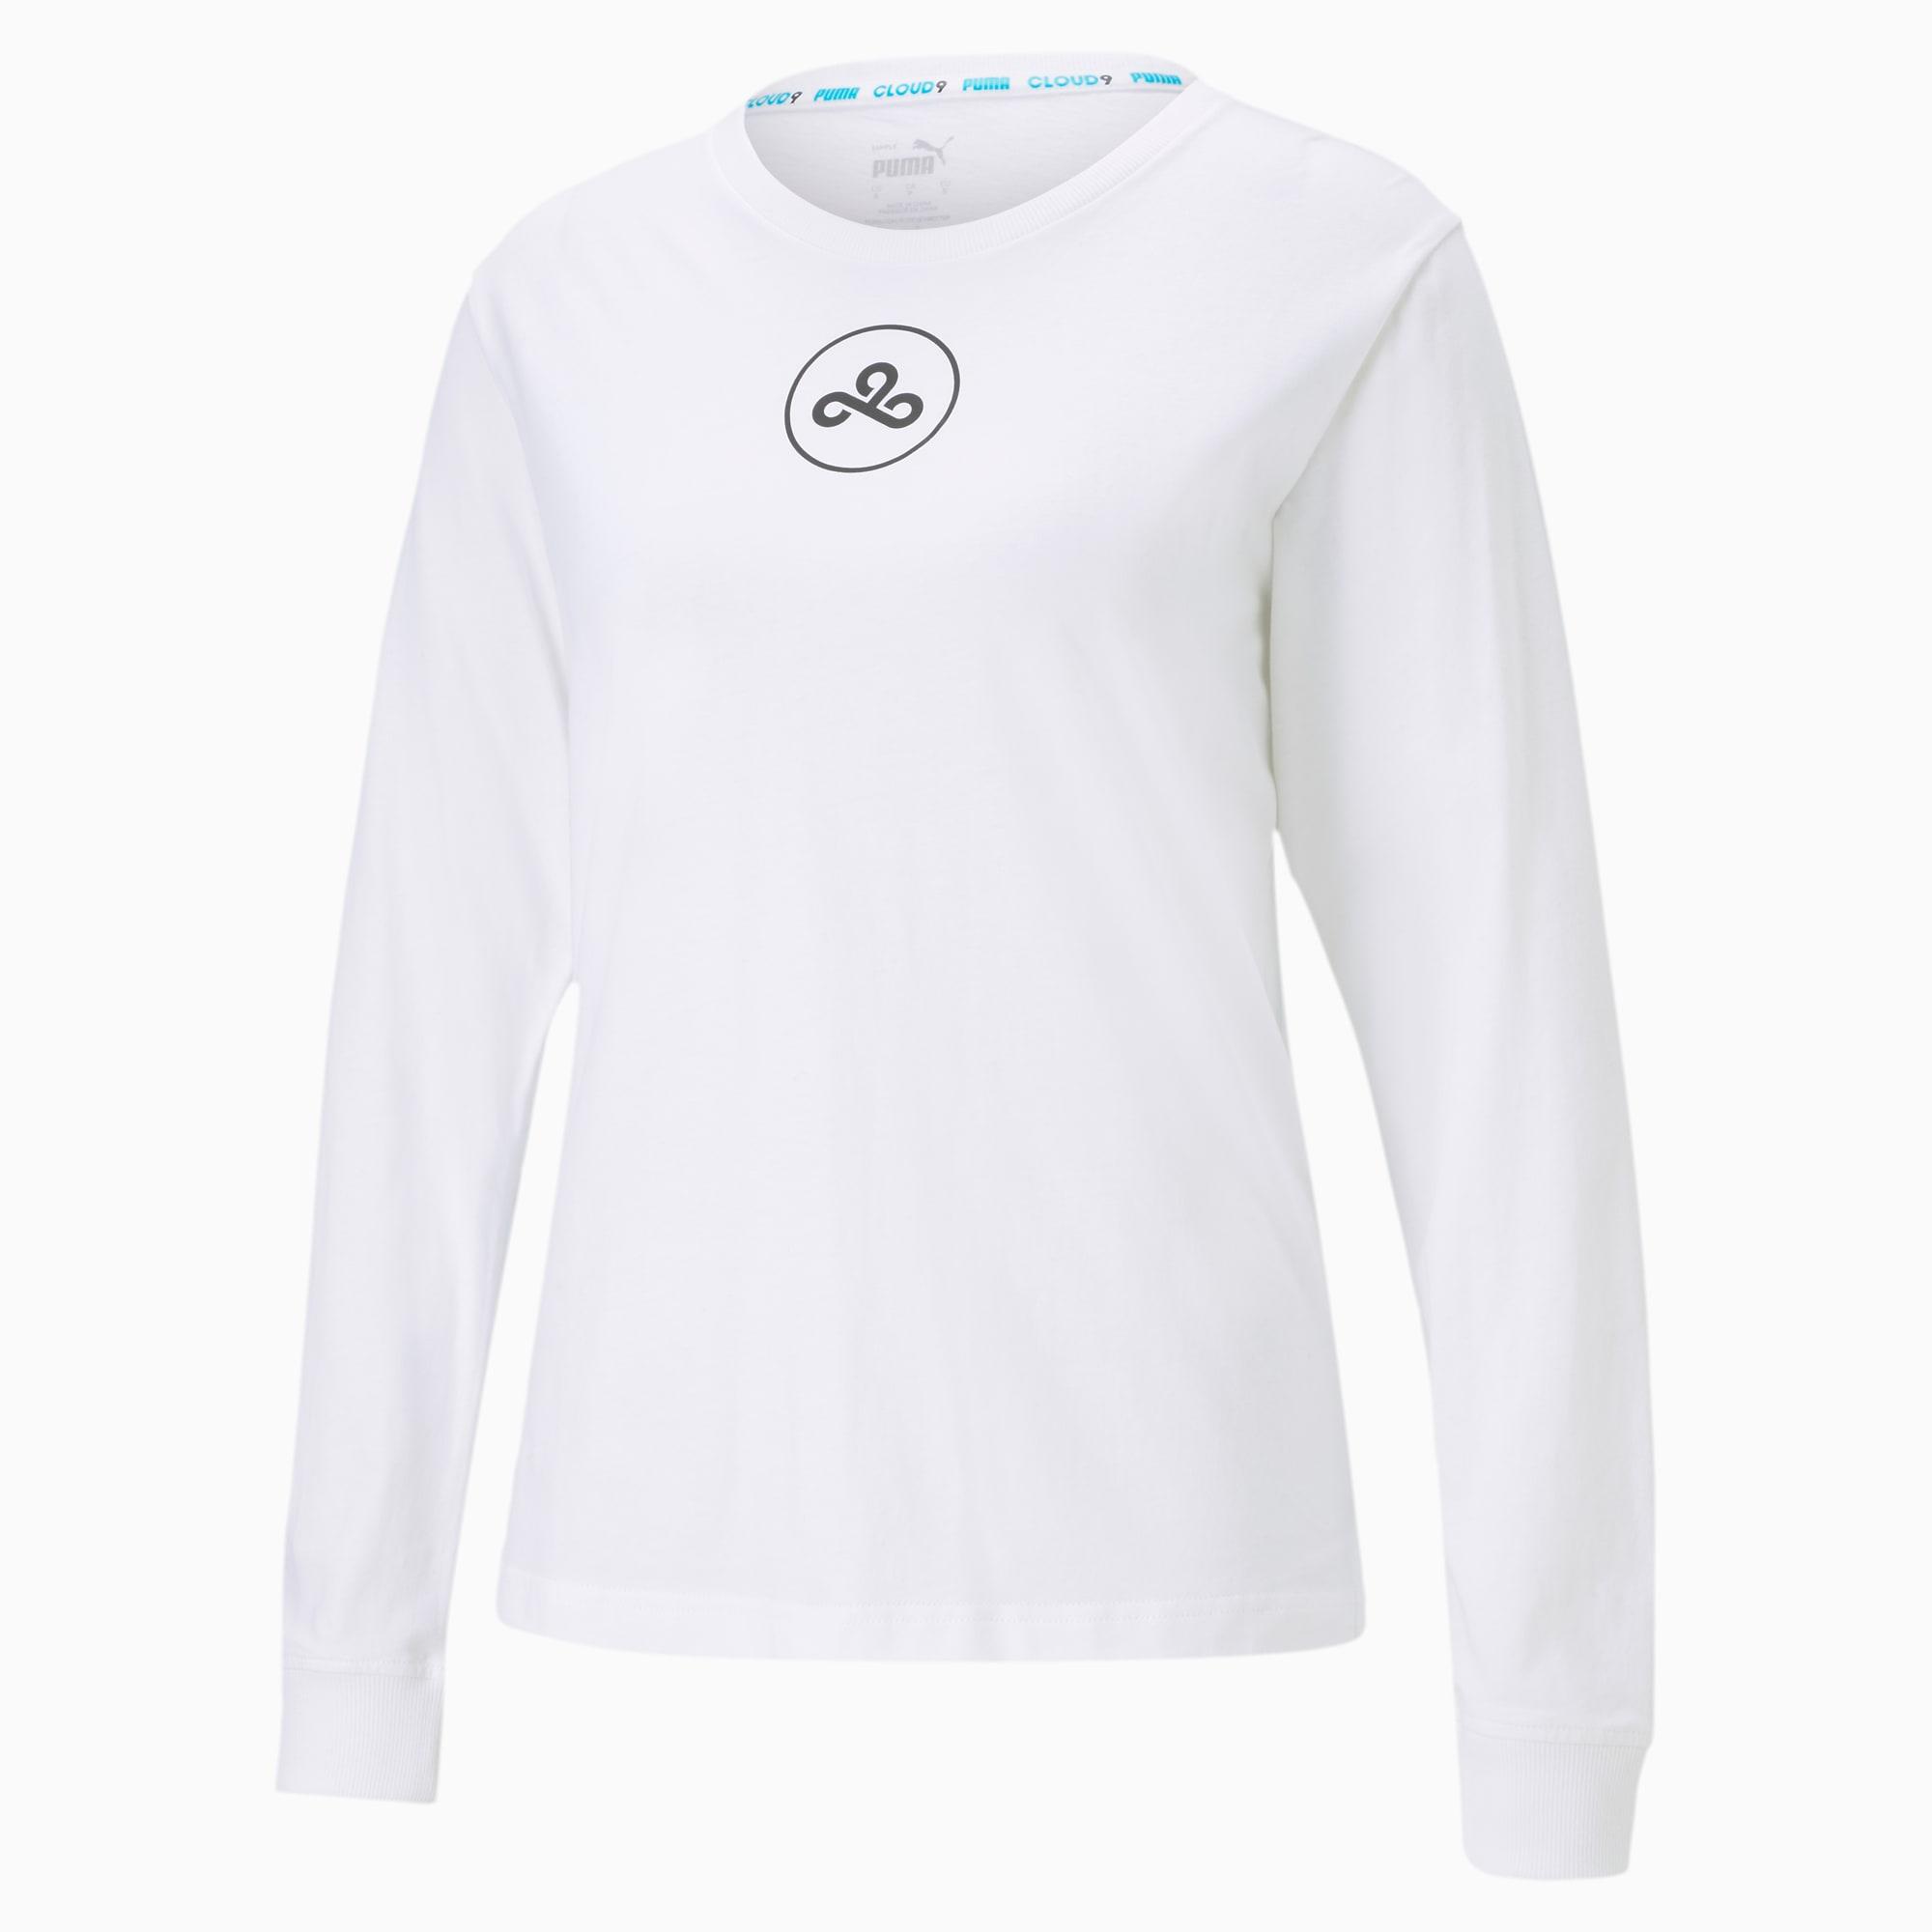 puma -  CLD9 Damen T-Shirt   Mit Aucun   Weiß   Größe: M